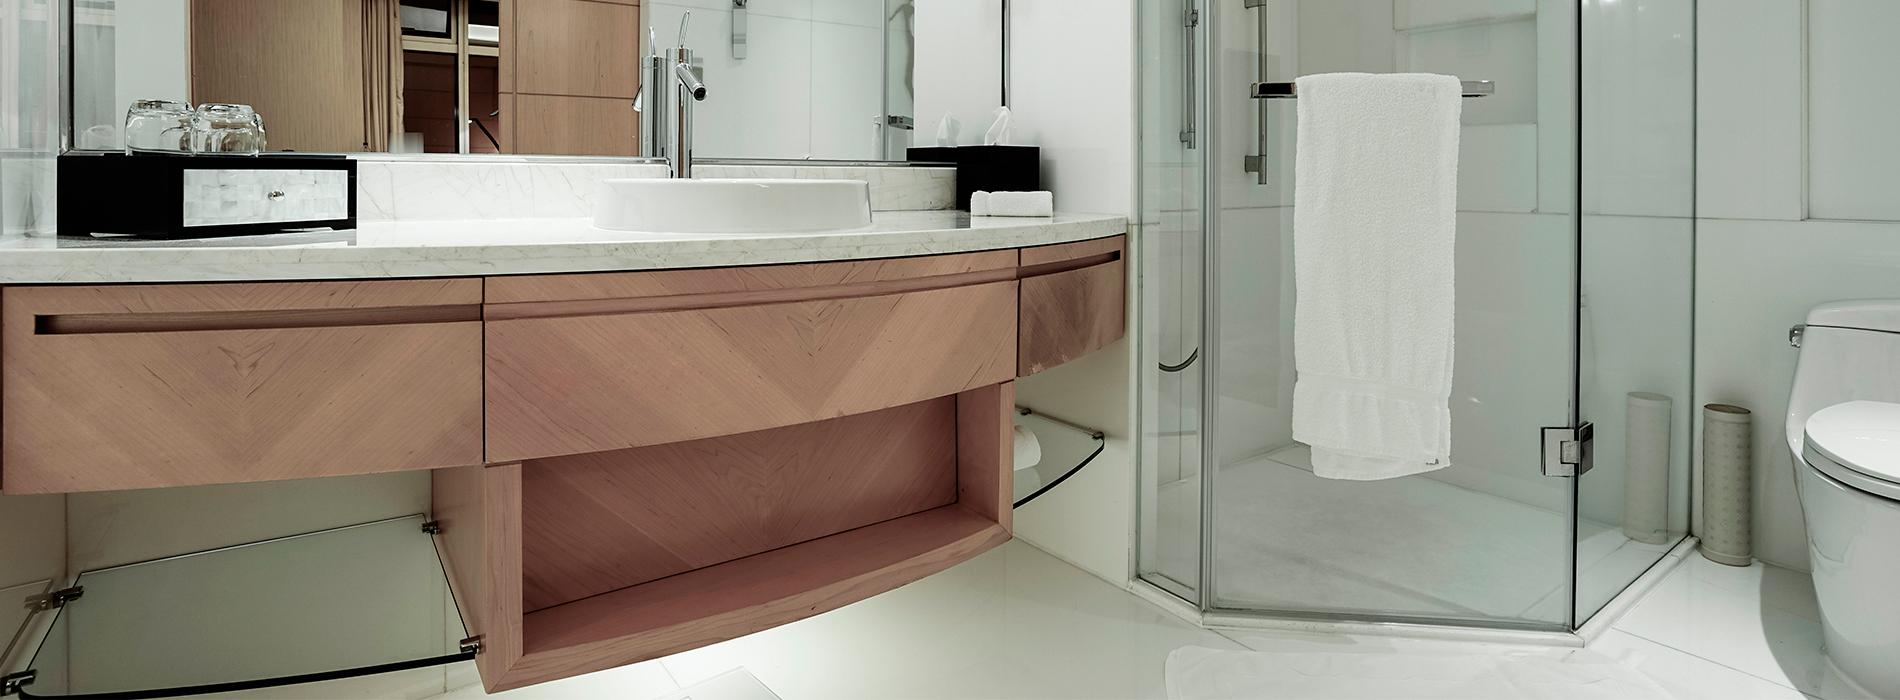 Estilo moderno para reformas de baño